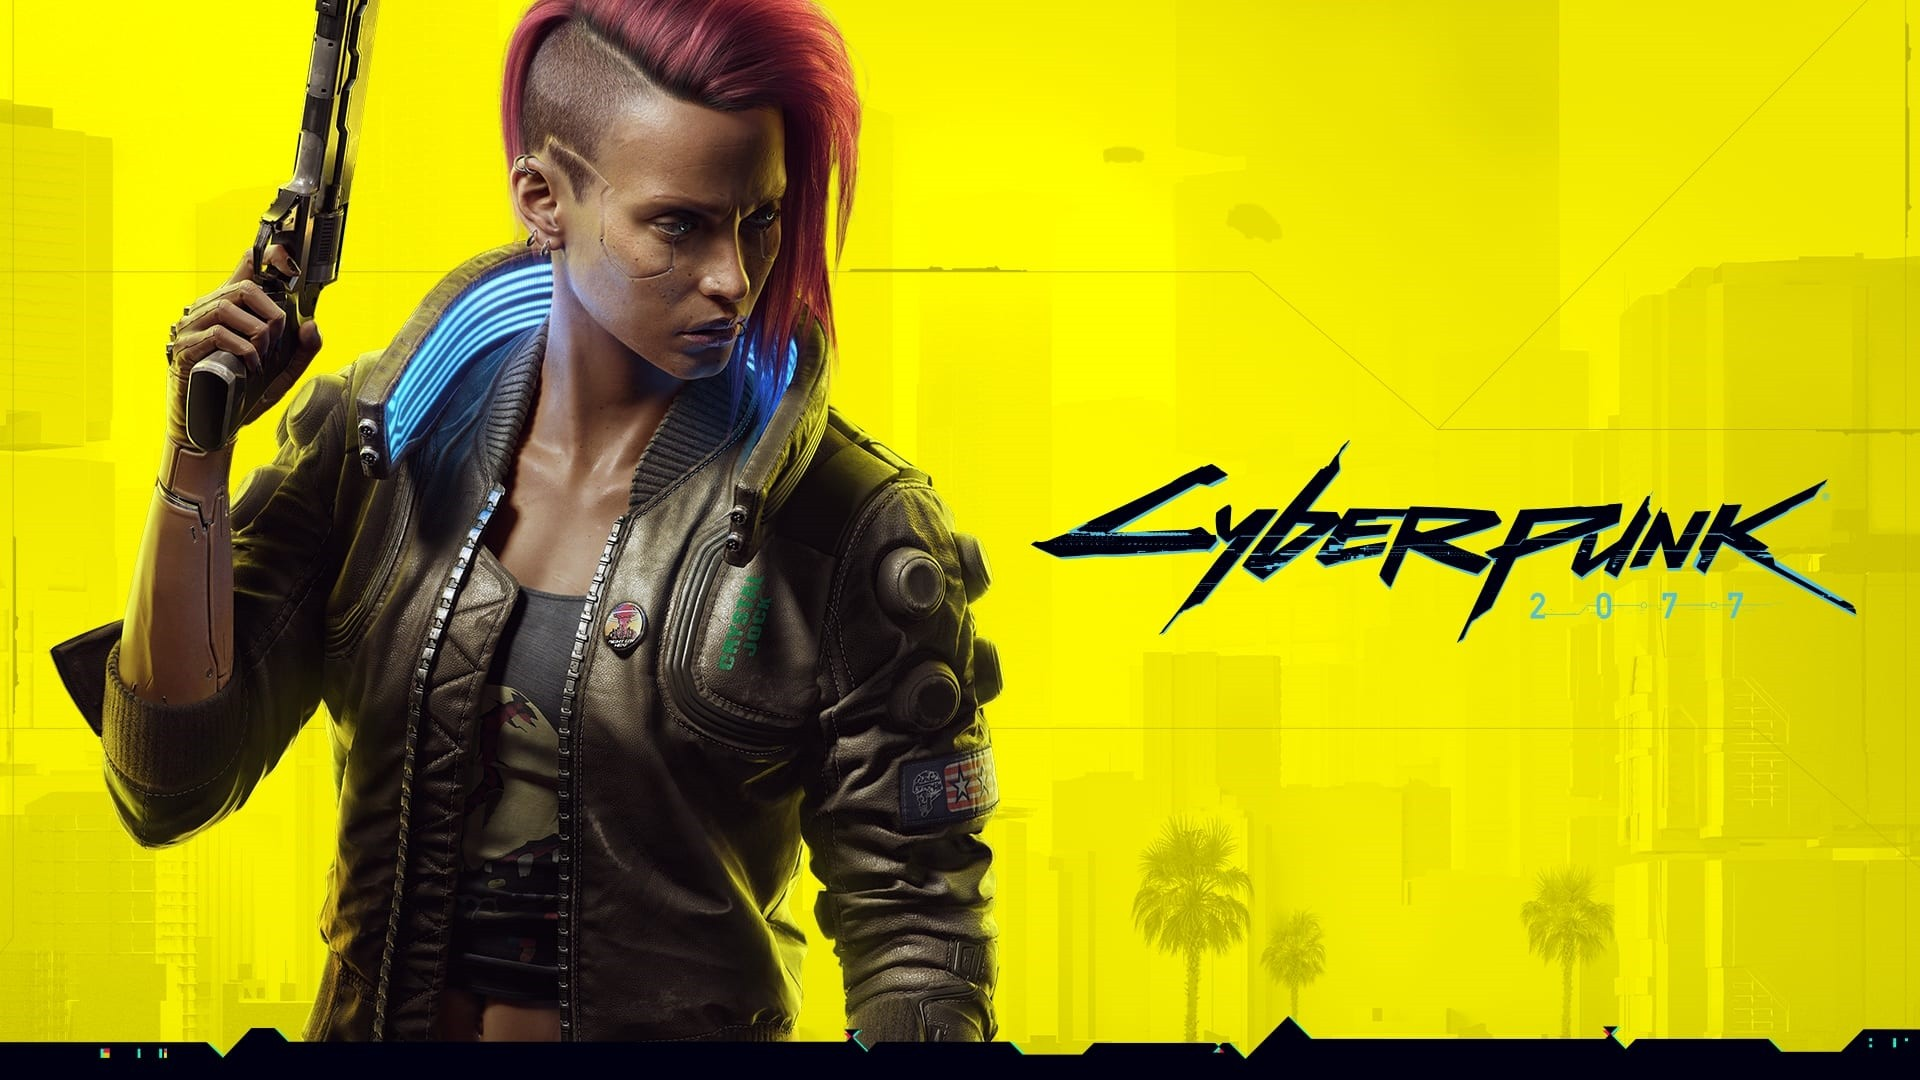 Cyberpunk 2077 Poster Wallpaper theme